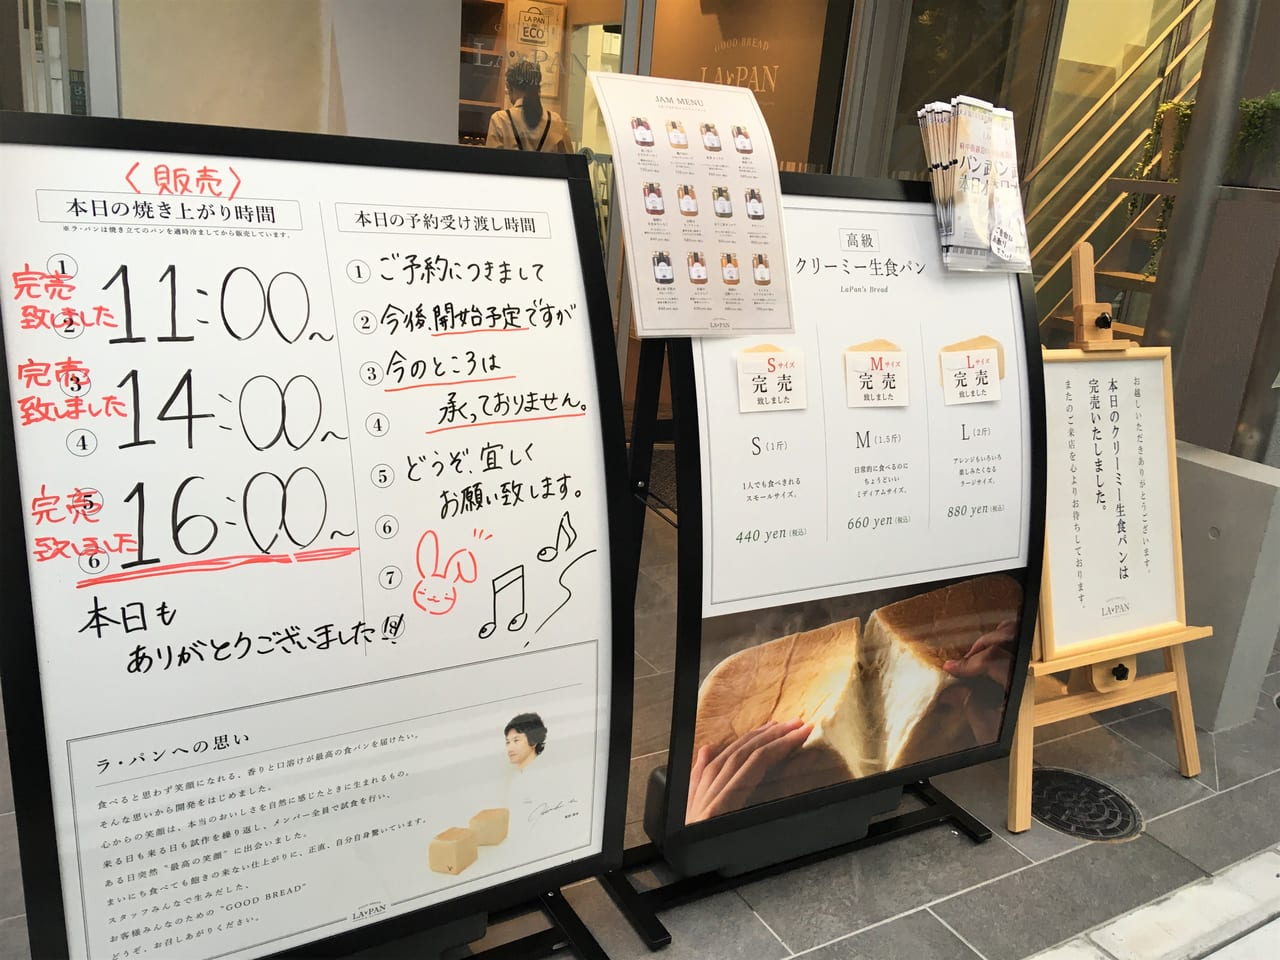 武蔵 小金井 ラパン